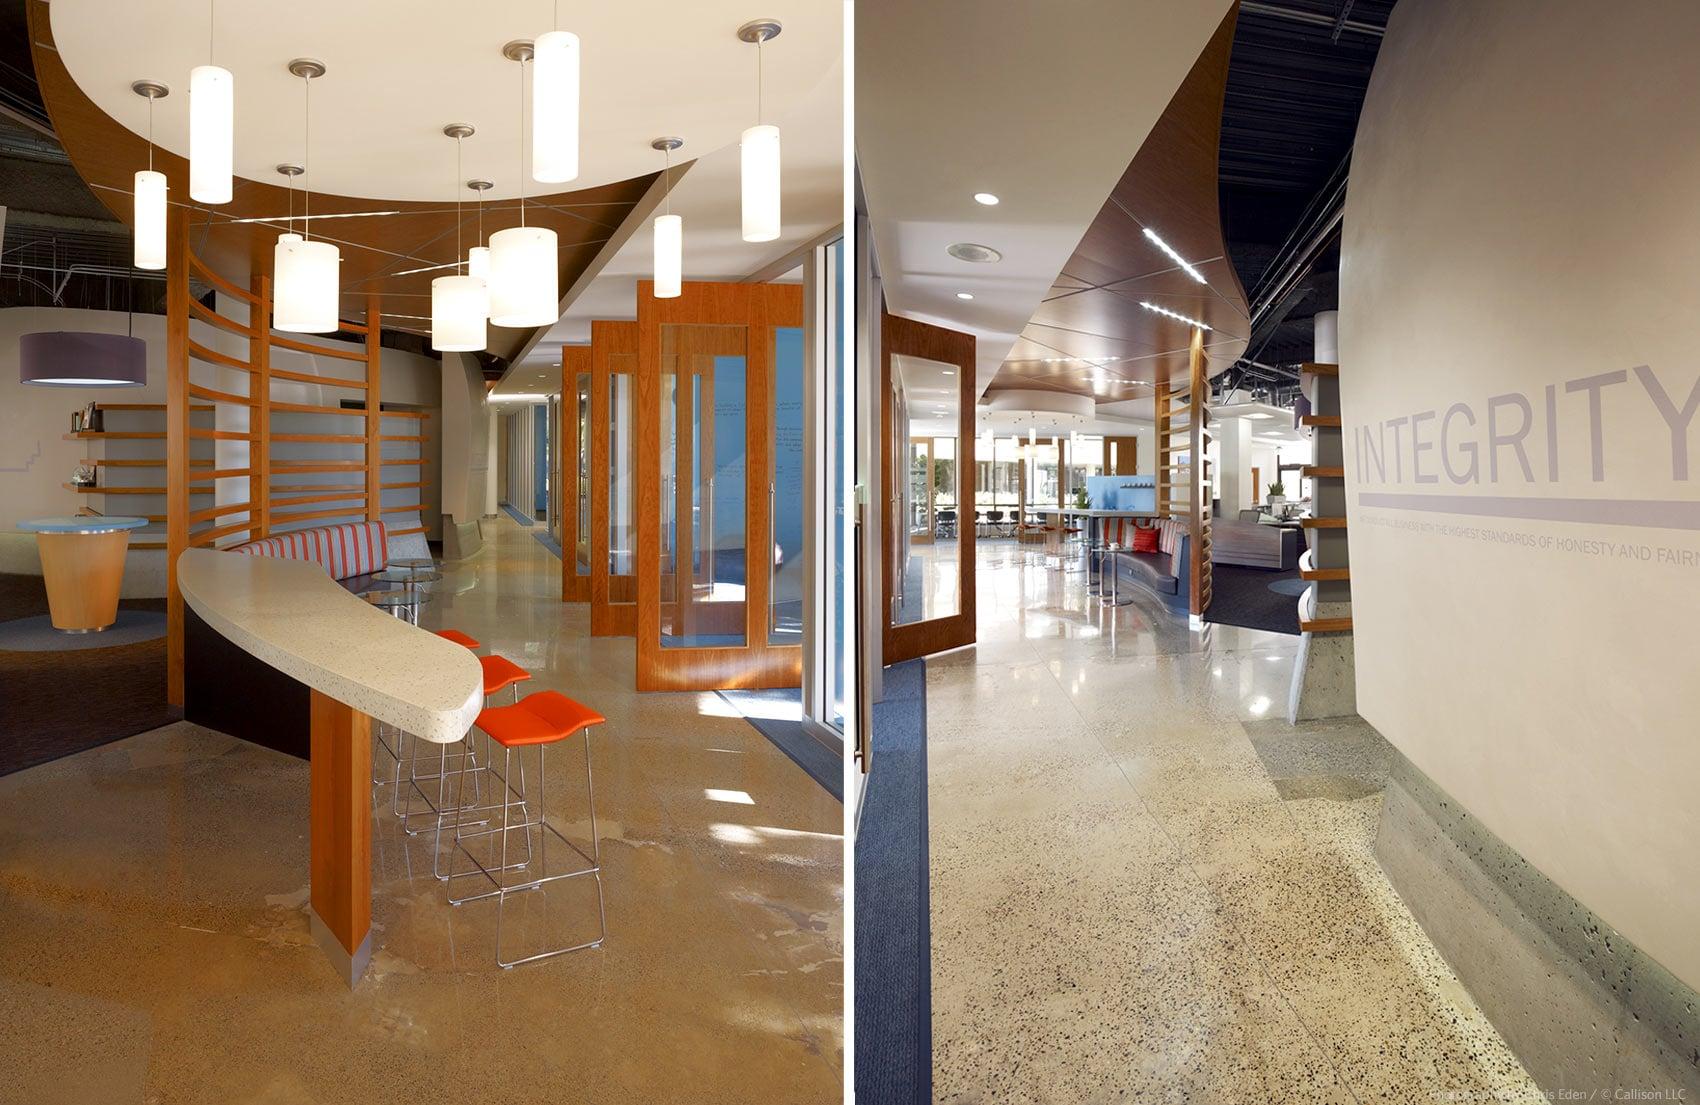 DPR - Office interior details